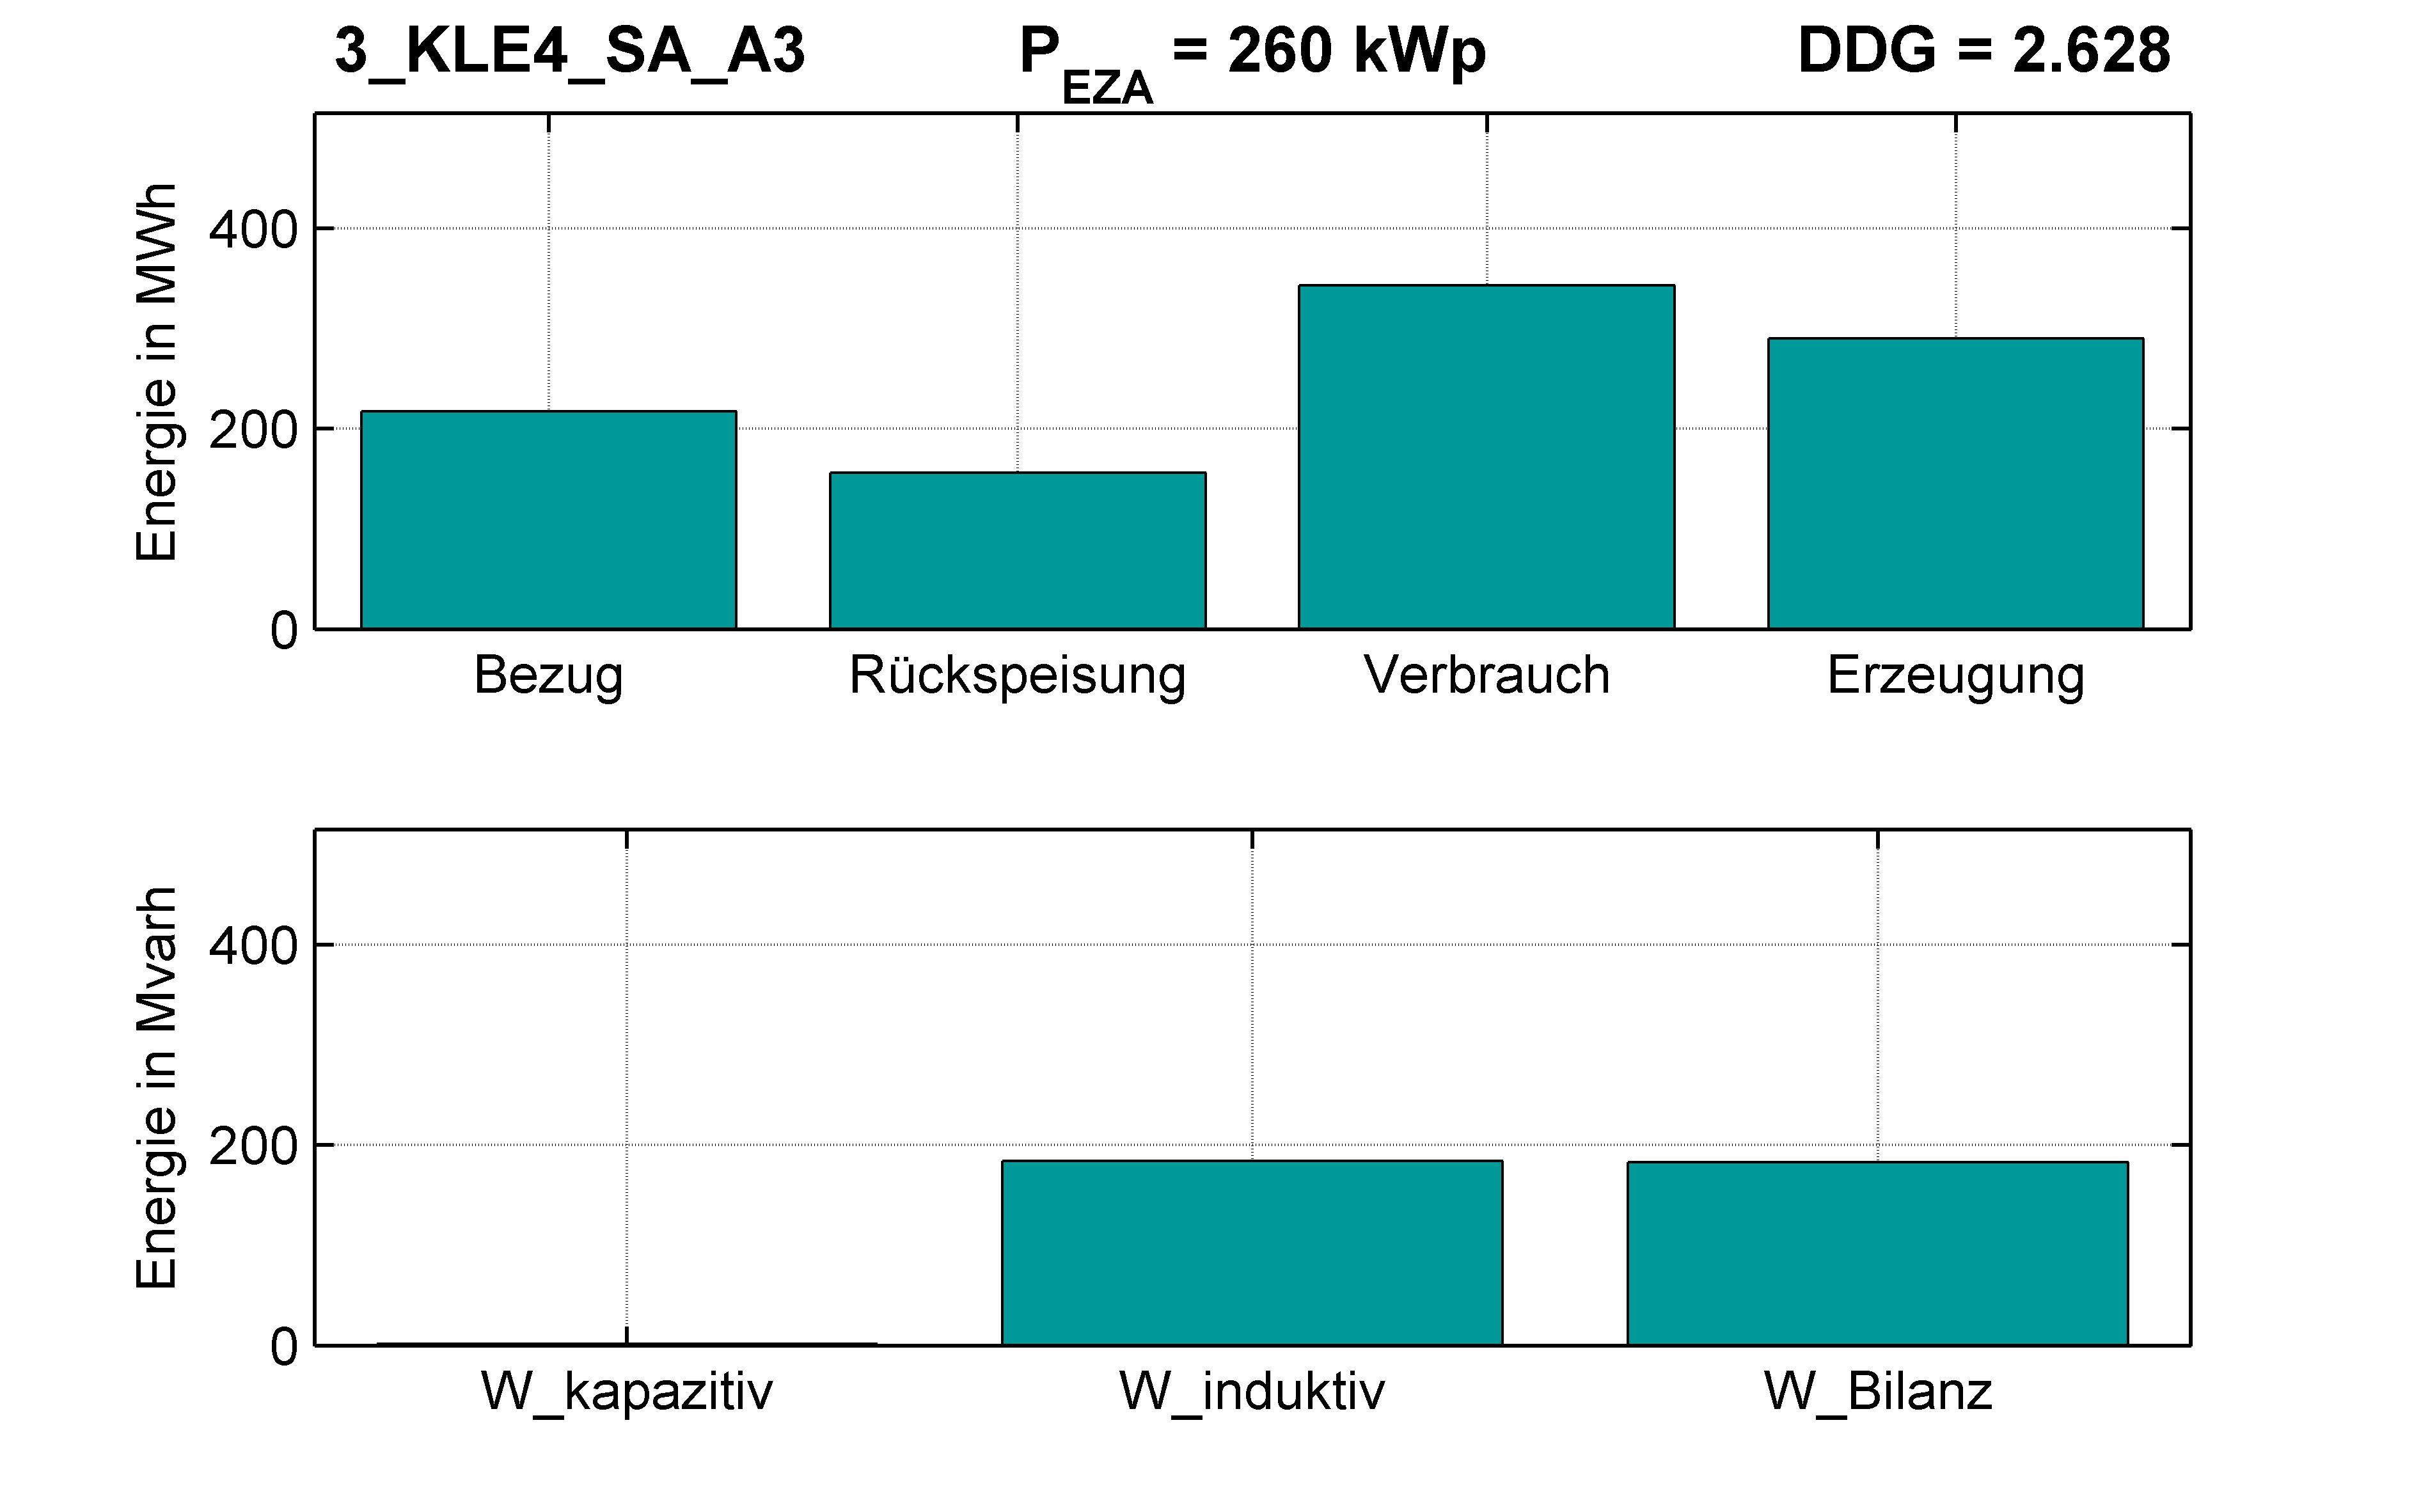 KLE4 | P-Kappung 70% (SA) A3 | PQ-Bilanz